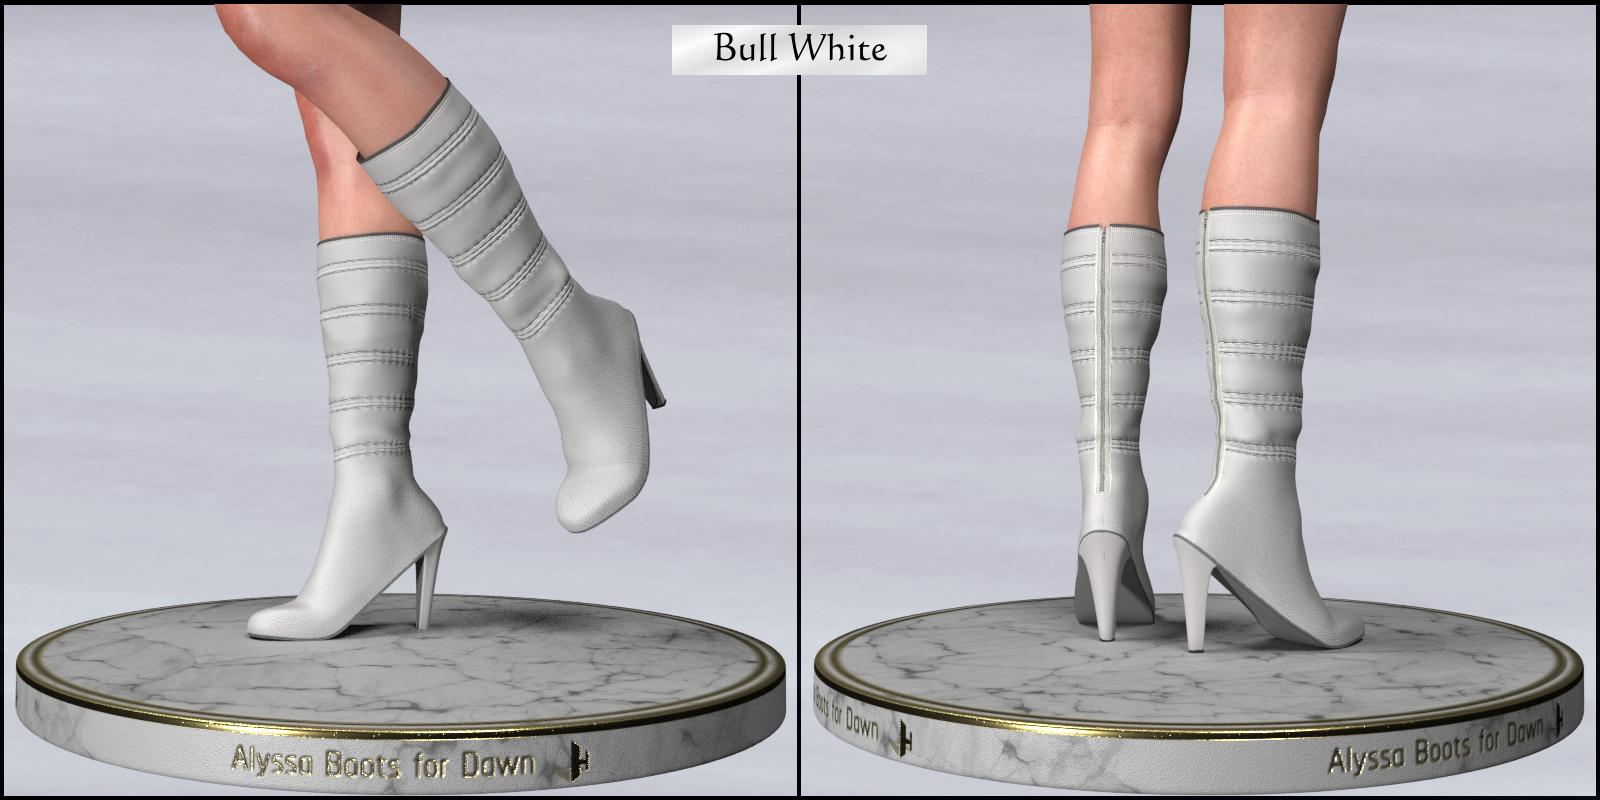 01 Bull White.jpg